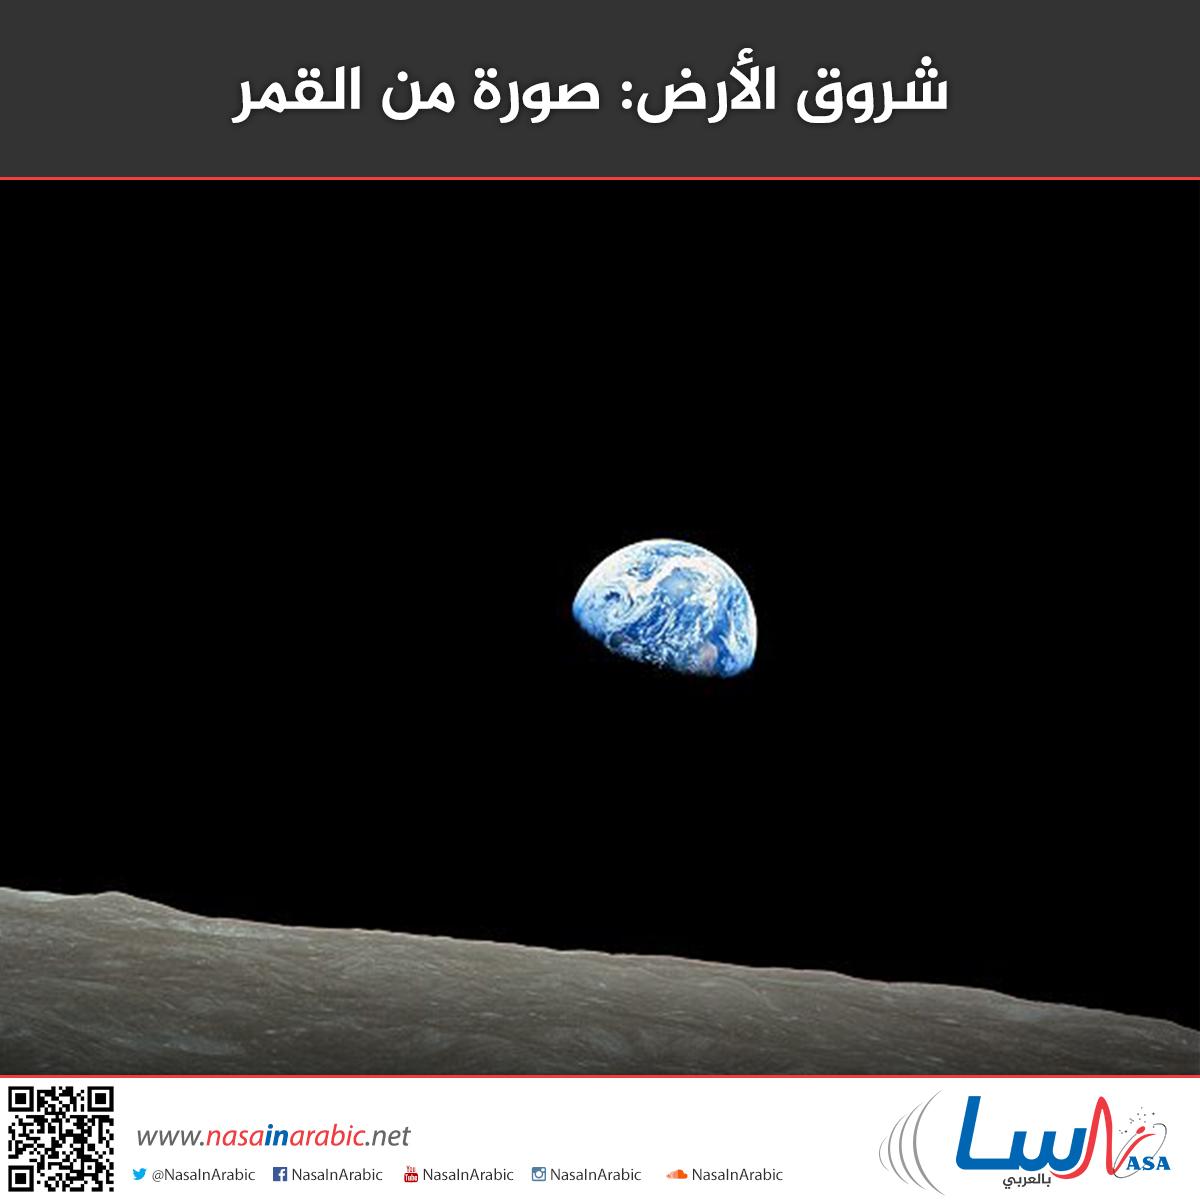 شروق الأرض: صورة من القمر